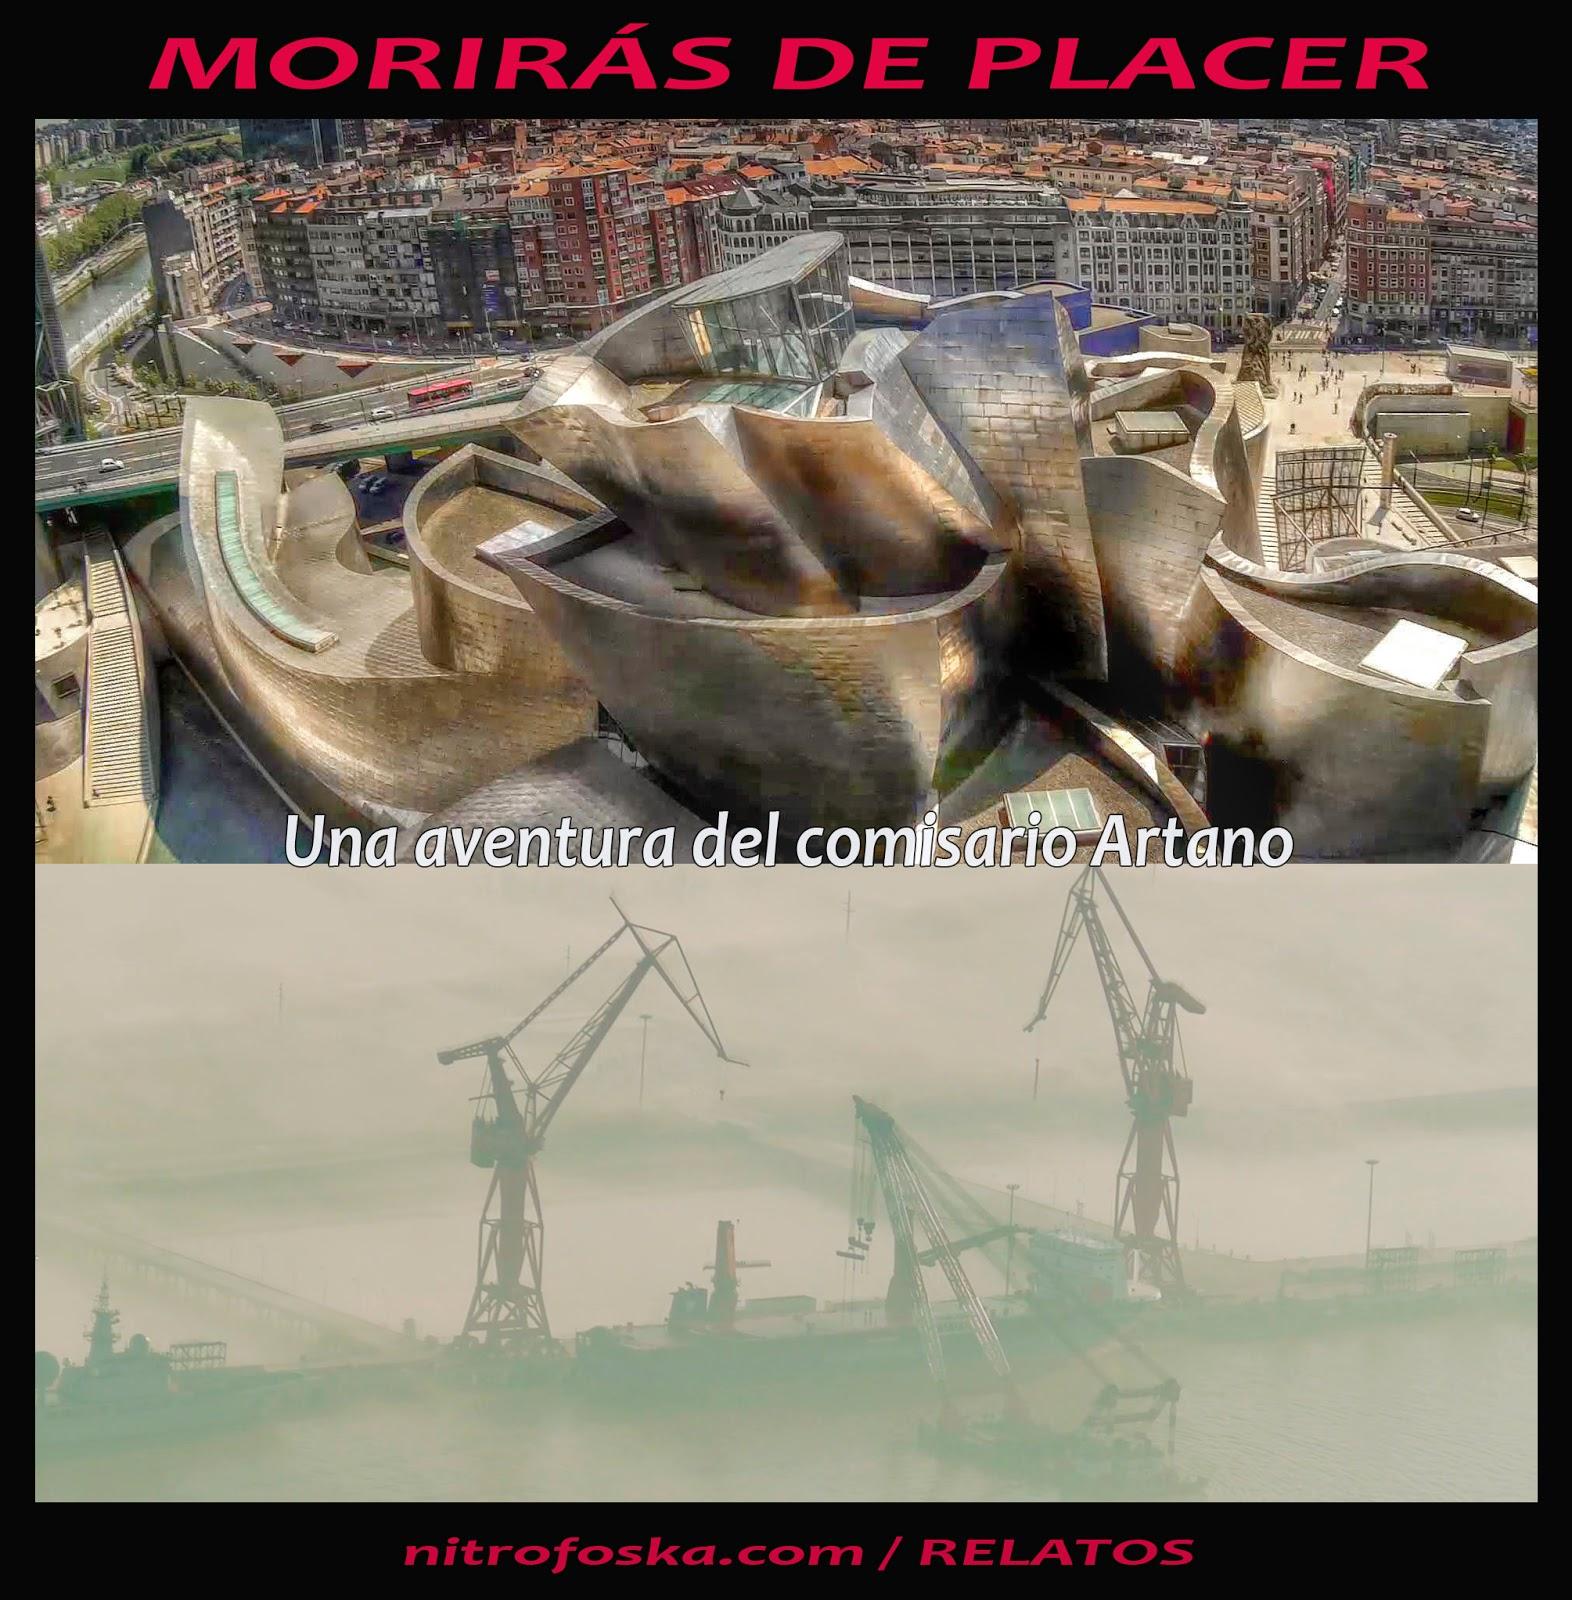 MORIRÁS DE PLACER